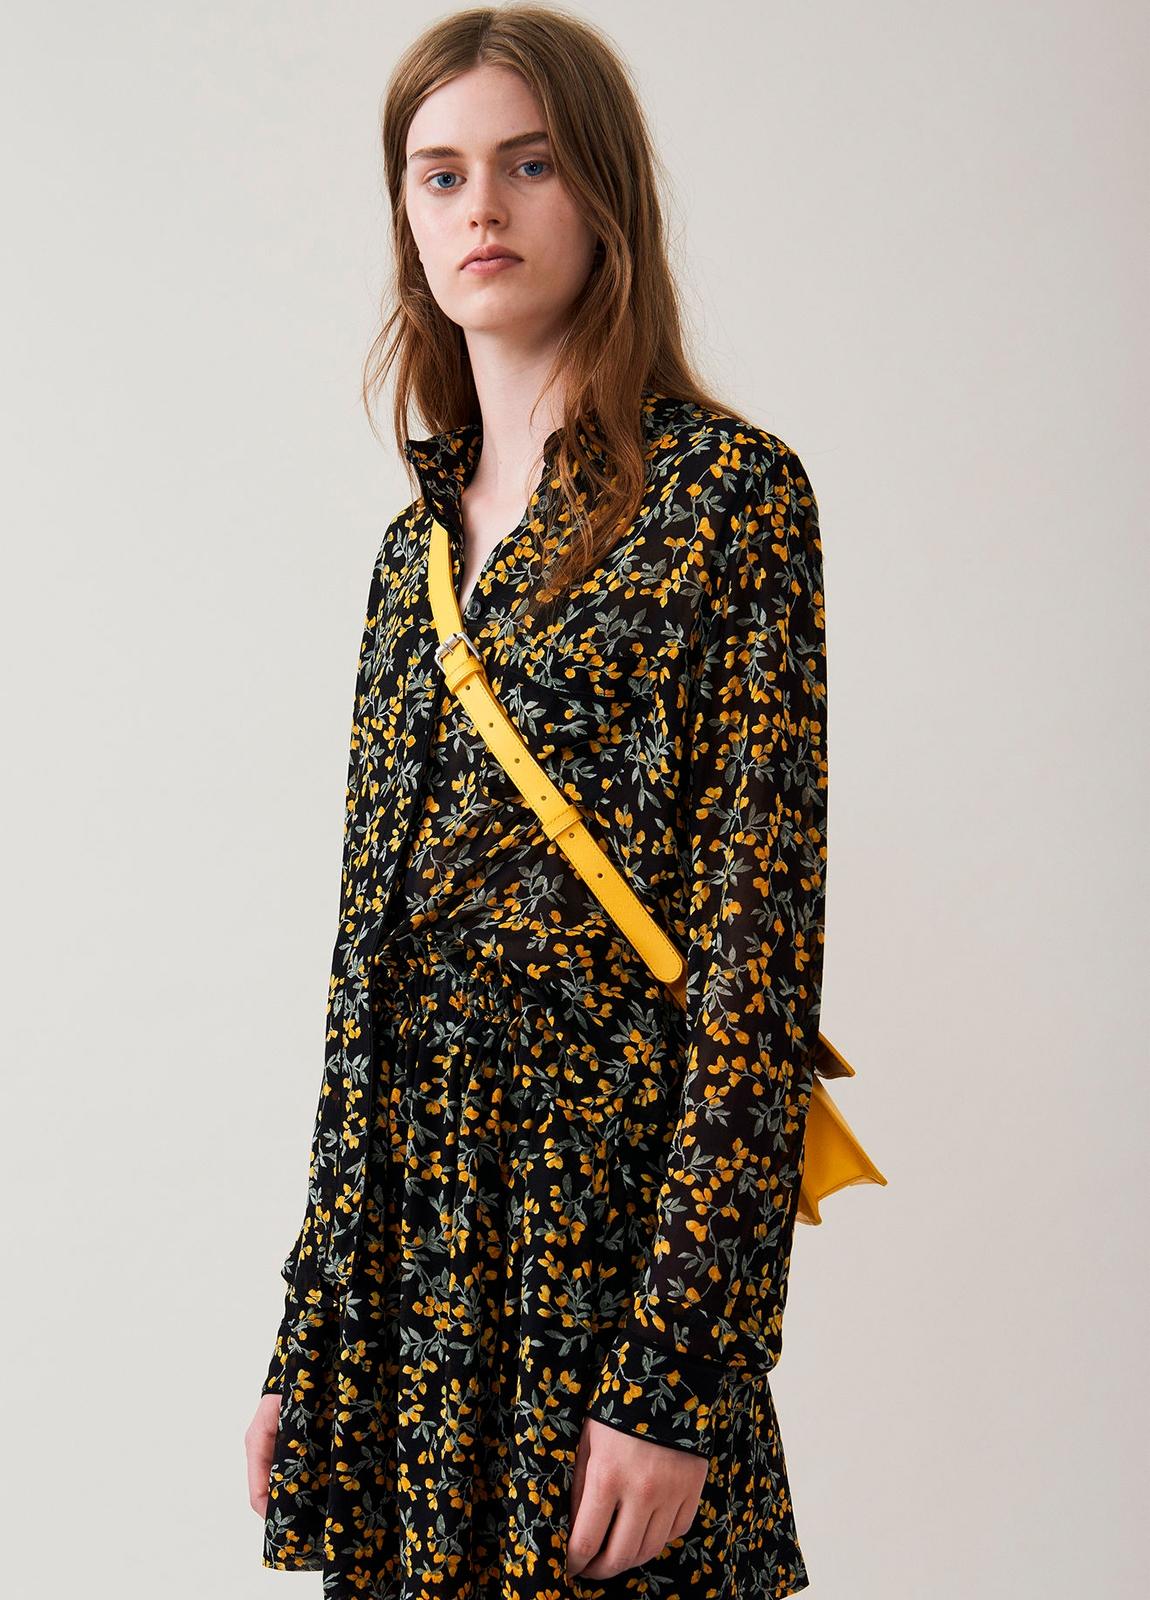 Camisa transparente color negro con estampado floral,100% Viscosa.